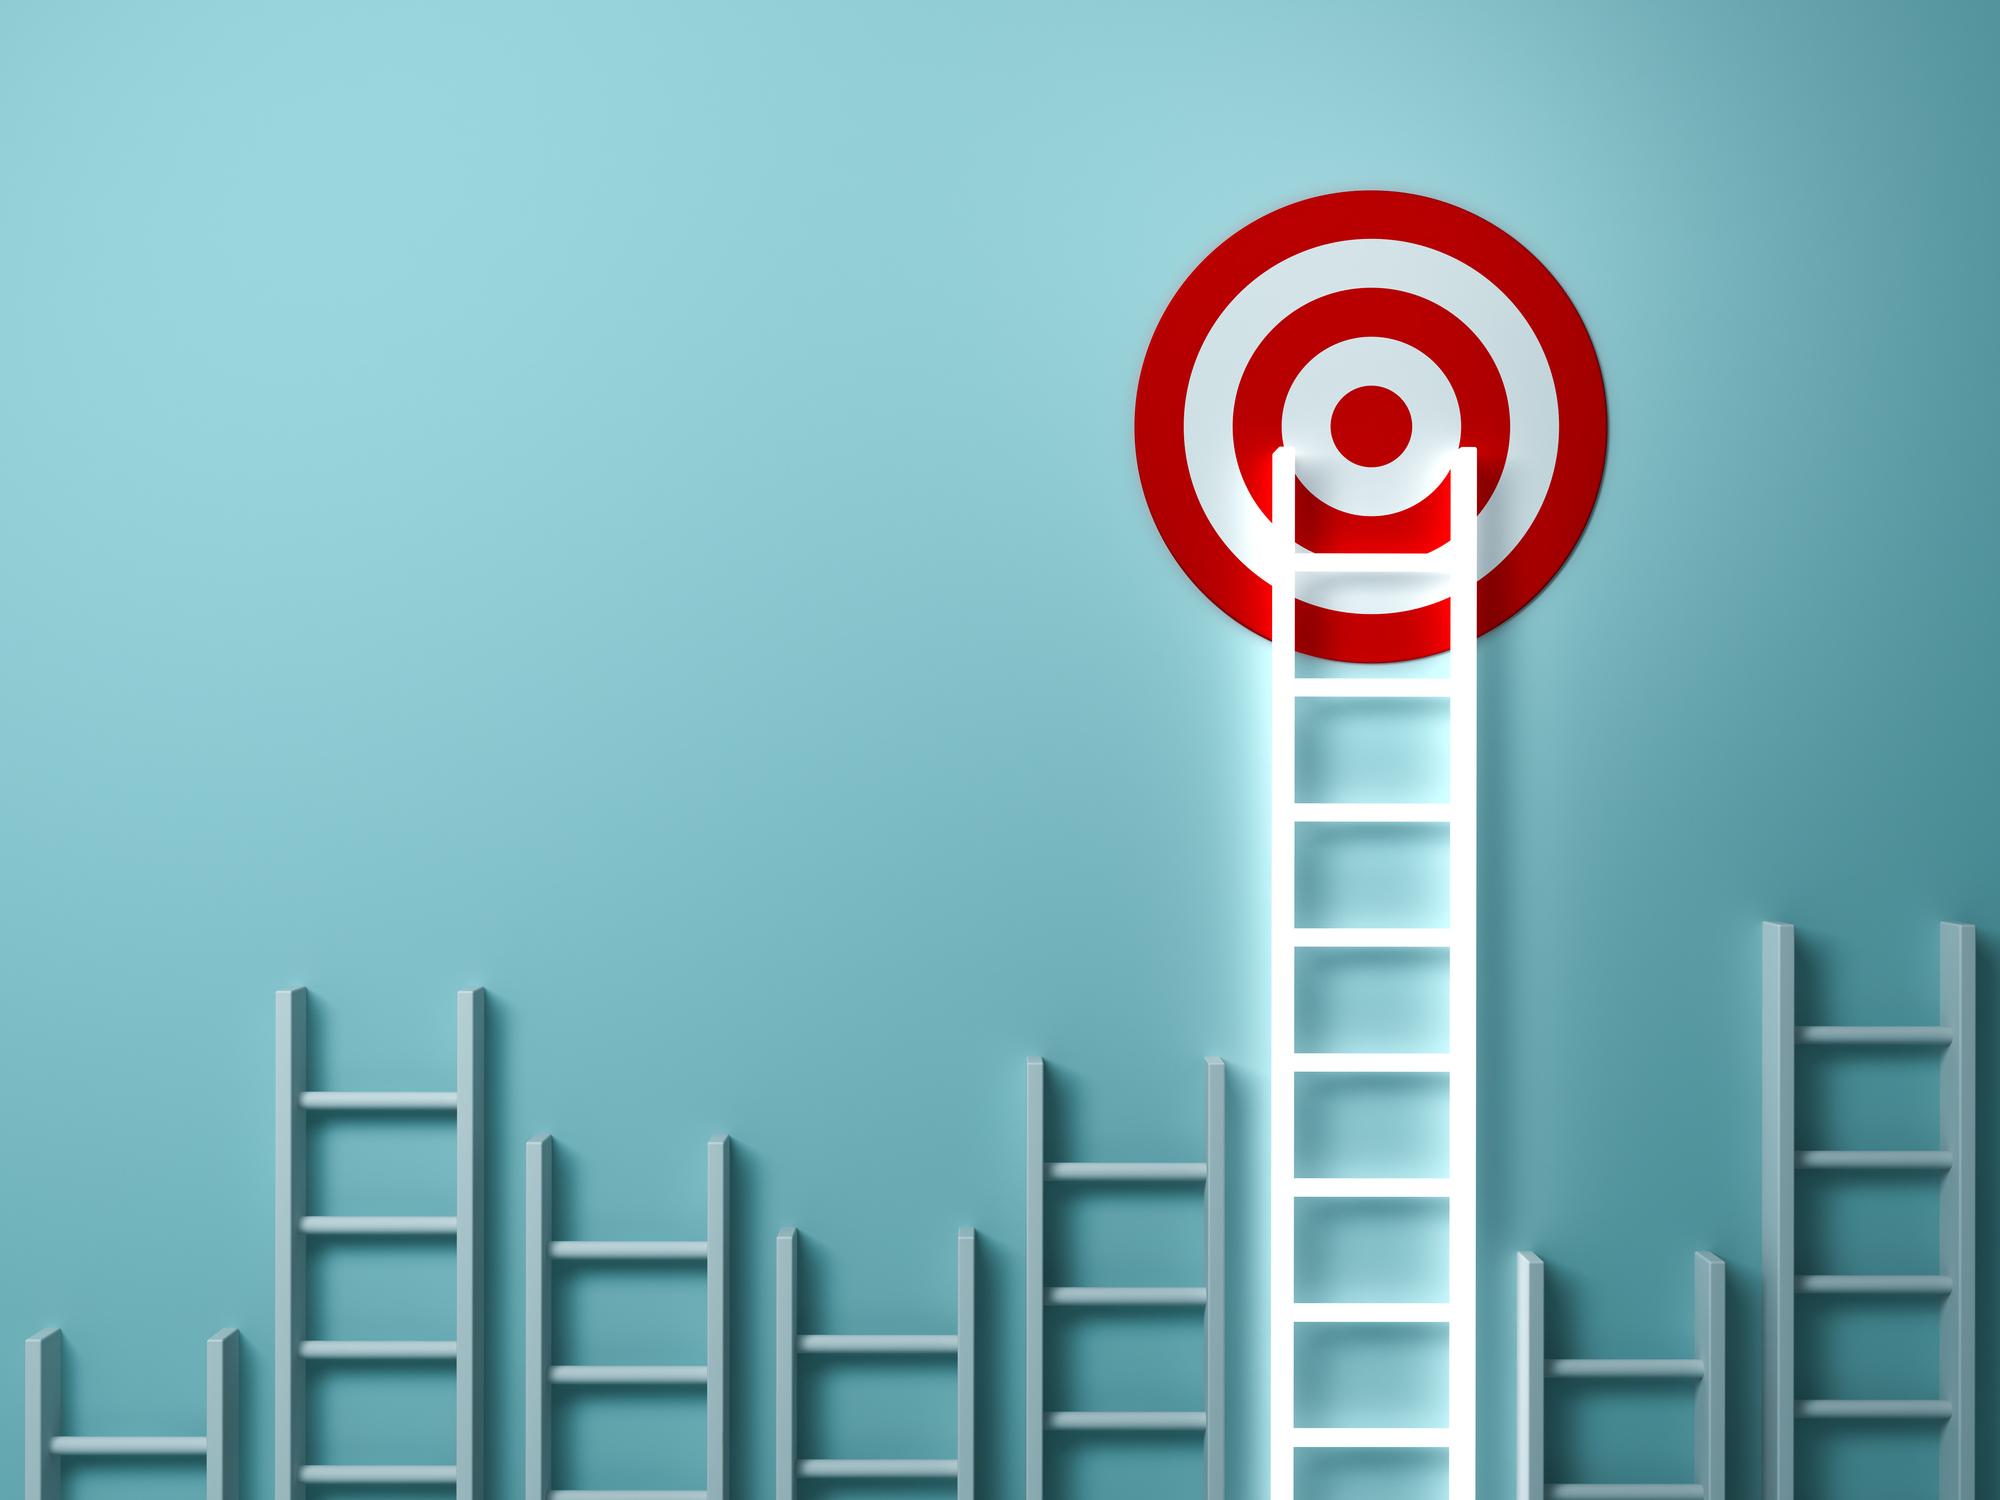 Qué es la Calificación del esfuerzo del cliente (CES)